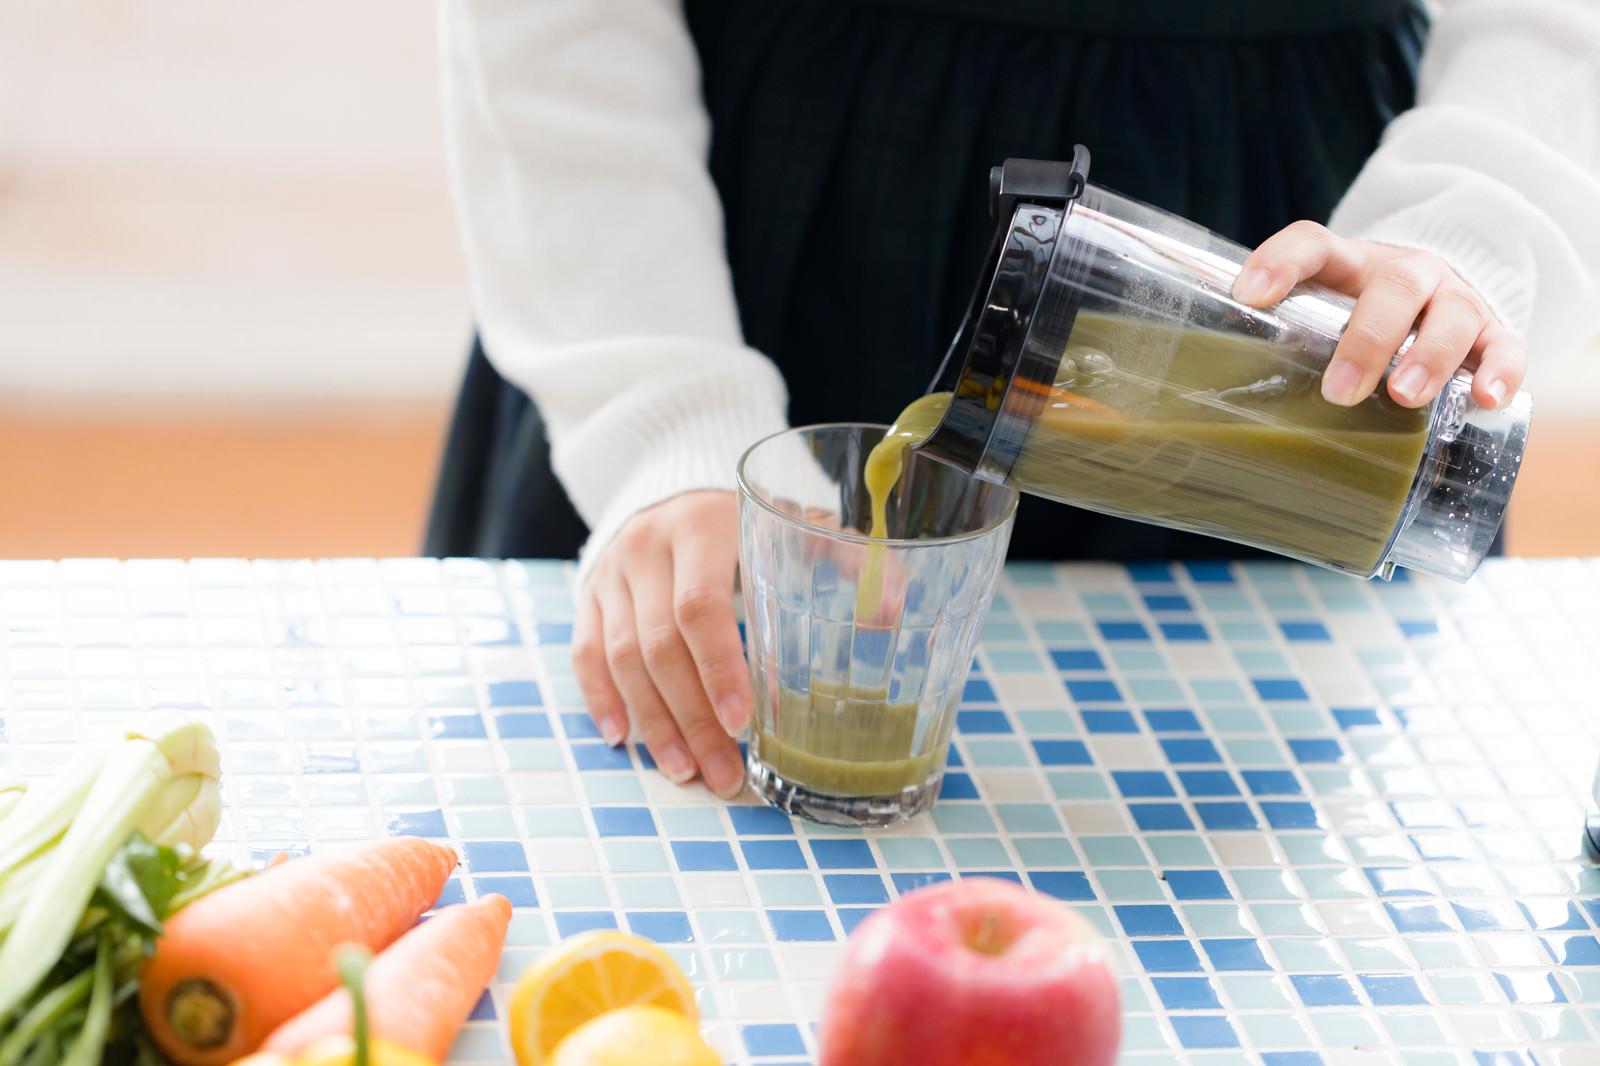 「グリーンスムージーをグラスに注ぐ」の写真